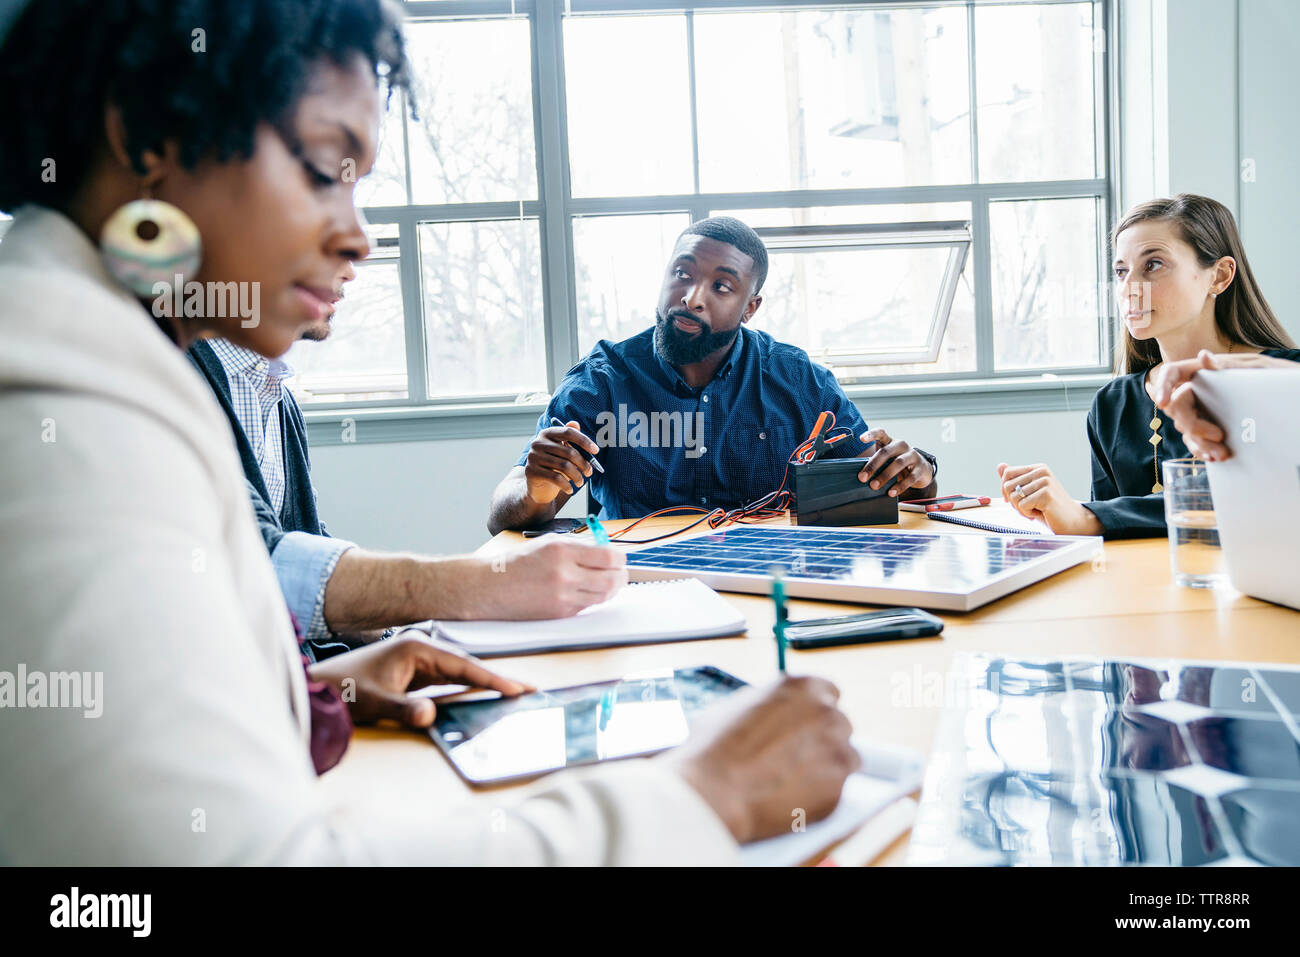 Gente de negocios discutiendo sobre el modelo de panel solar en Office Imagen De Stock